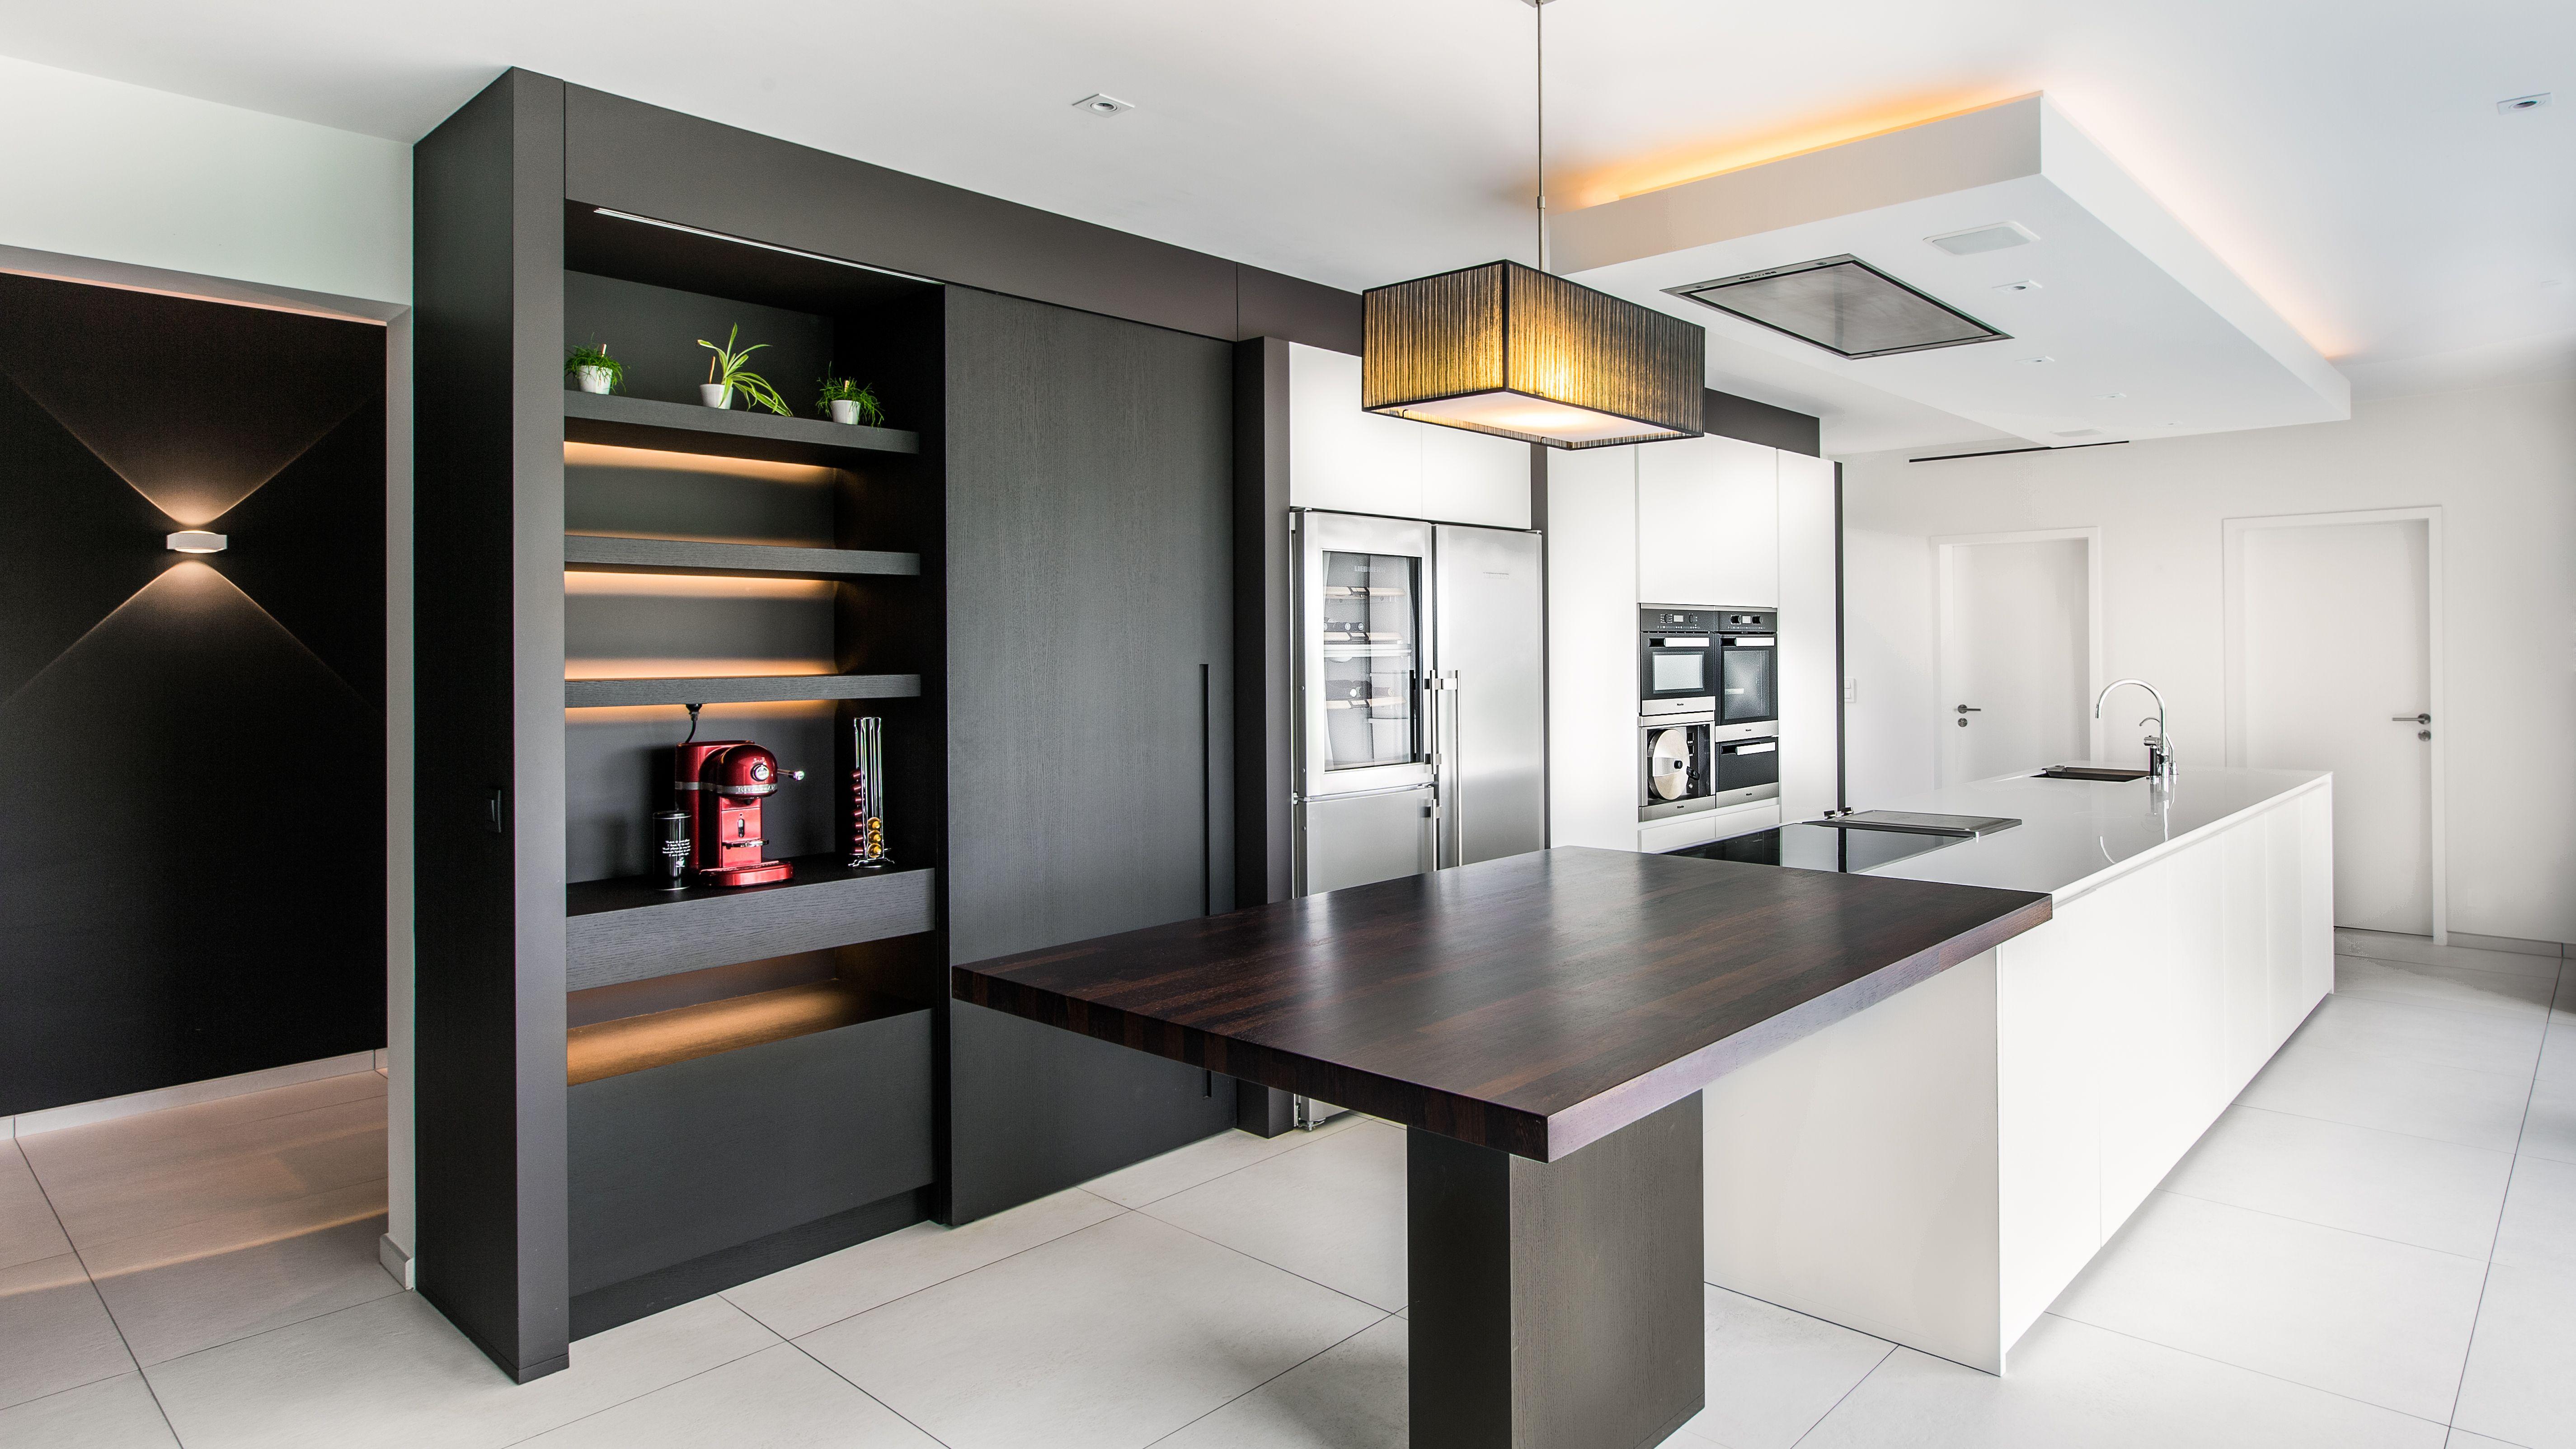 cuisine laqu blanc et placage bois plan de travail en quartz blanc caisson hotte cuisine